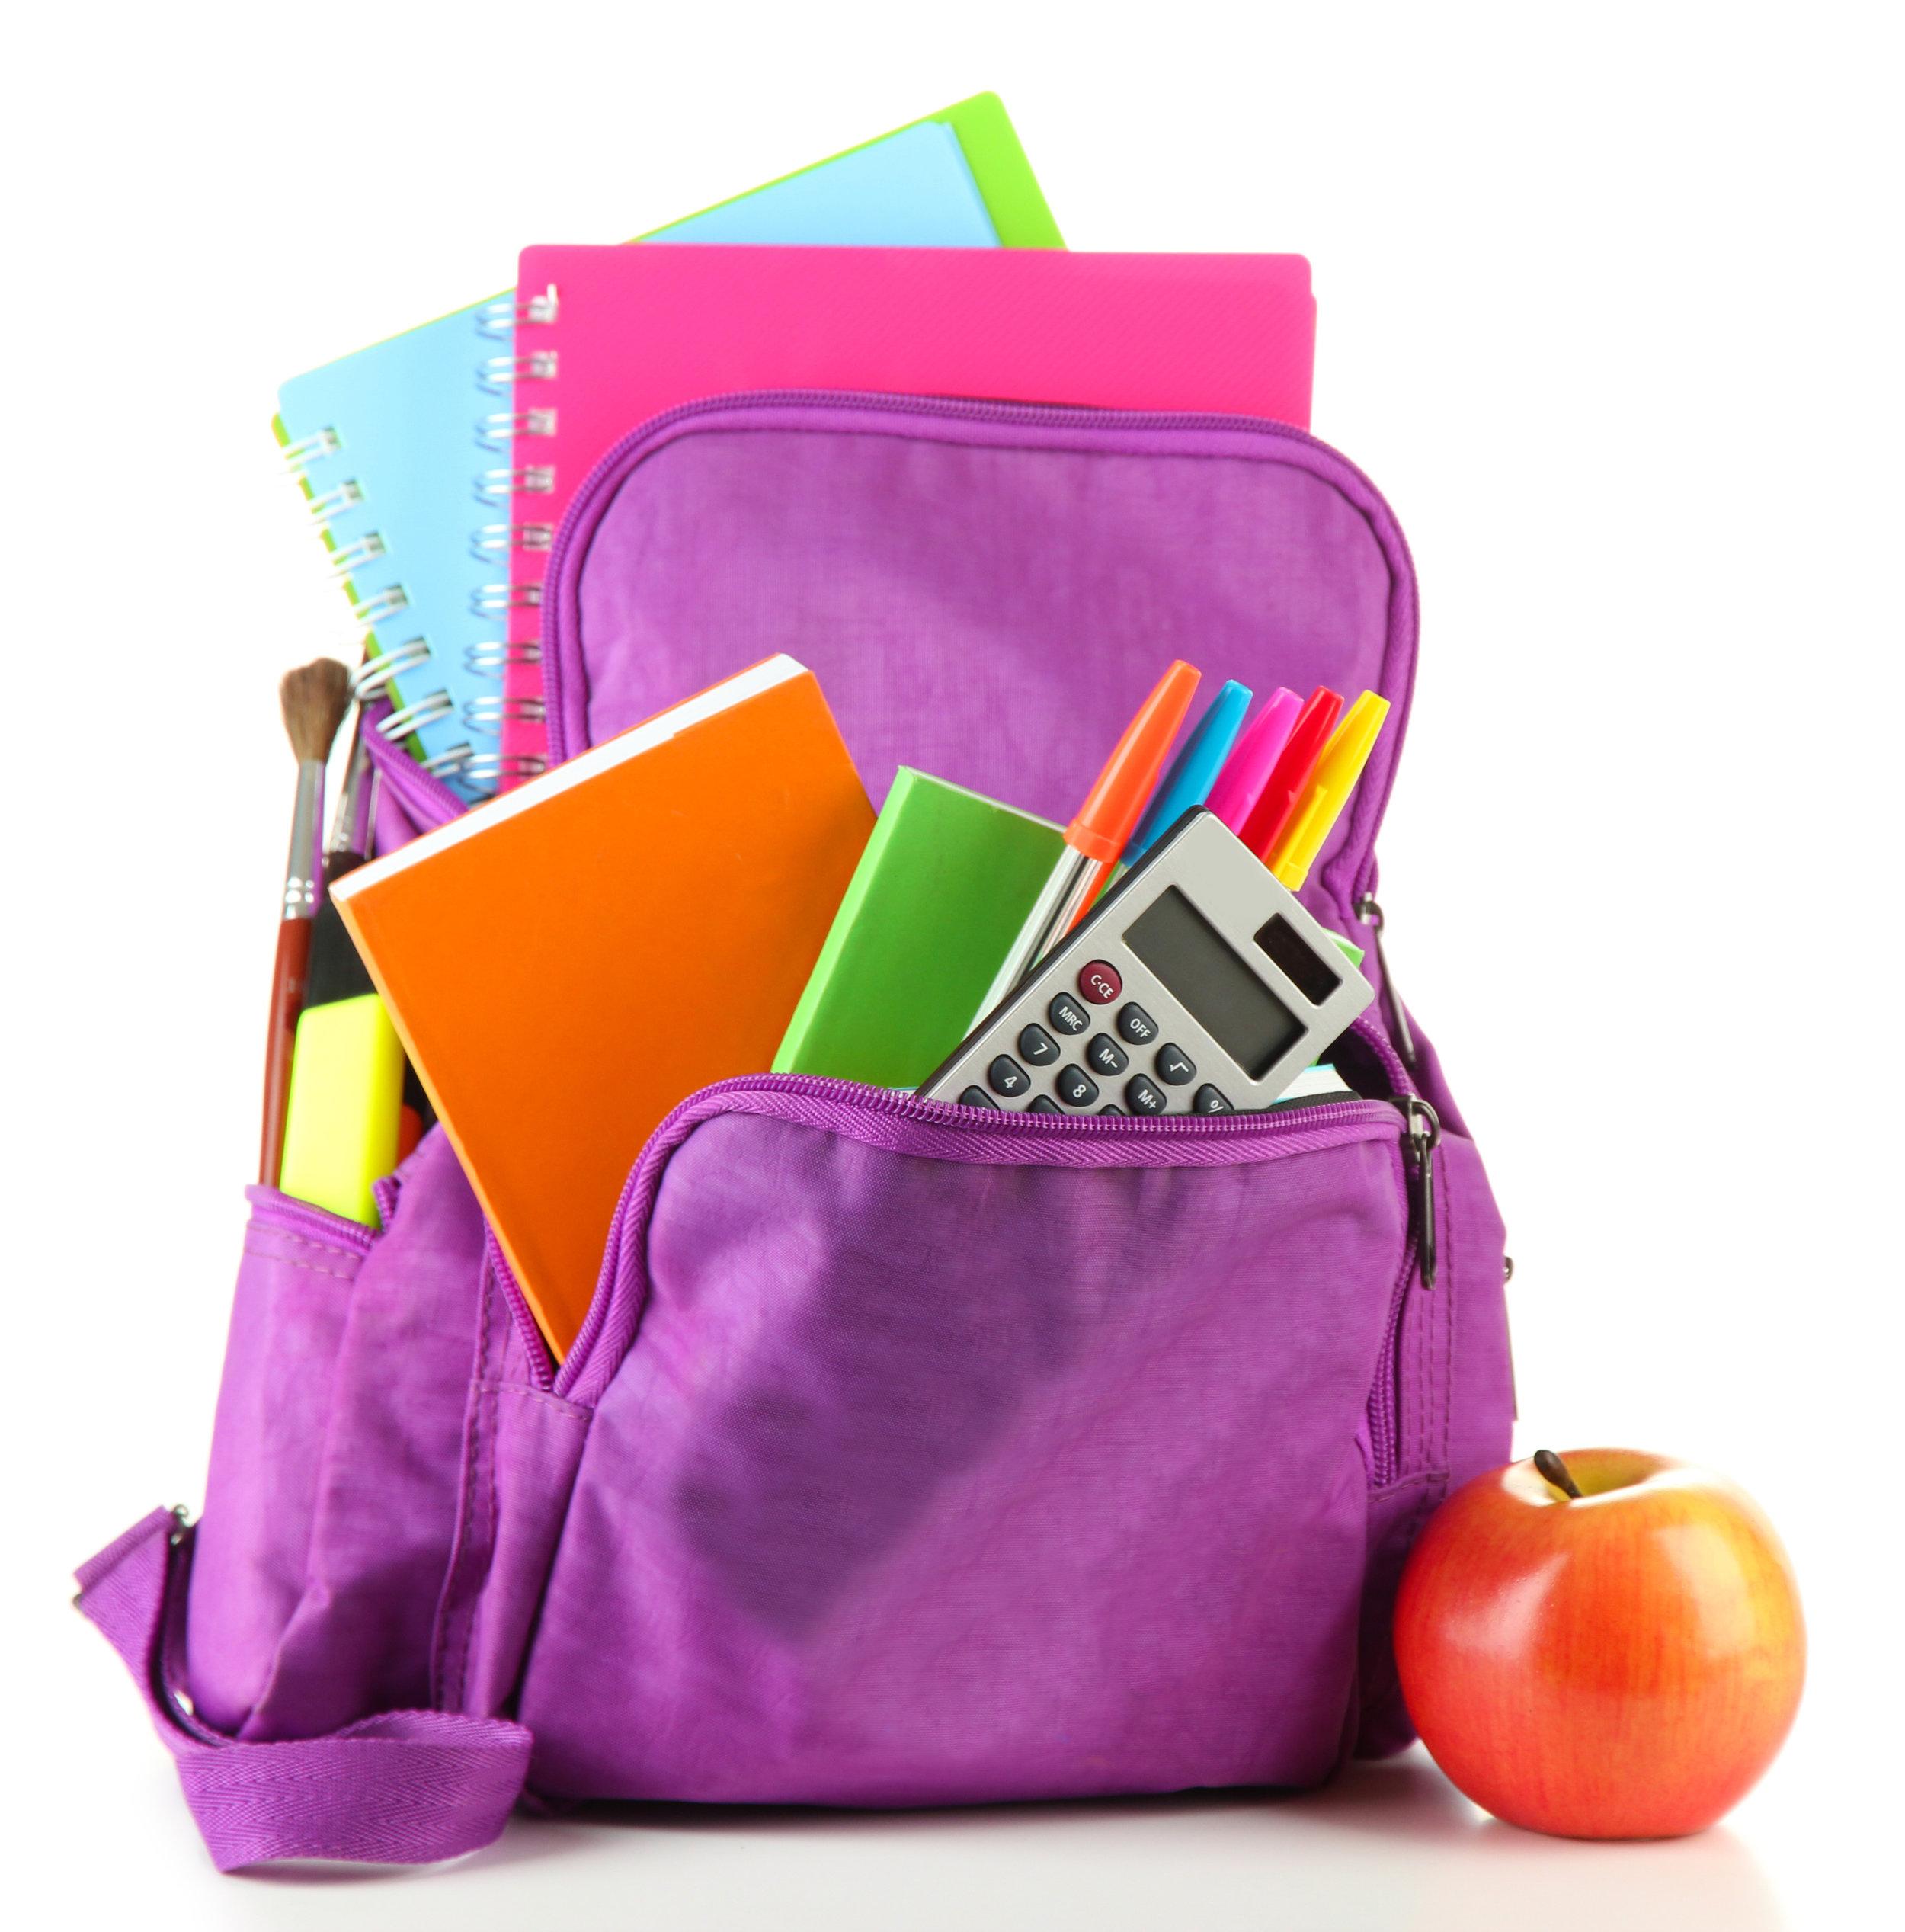 Backpack_SchoolSupplies.jpg